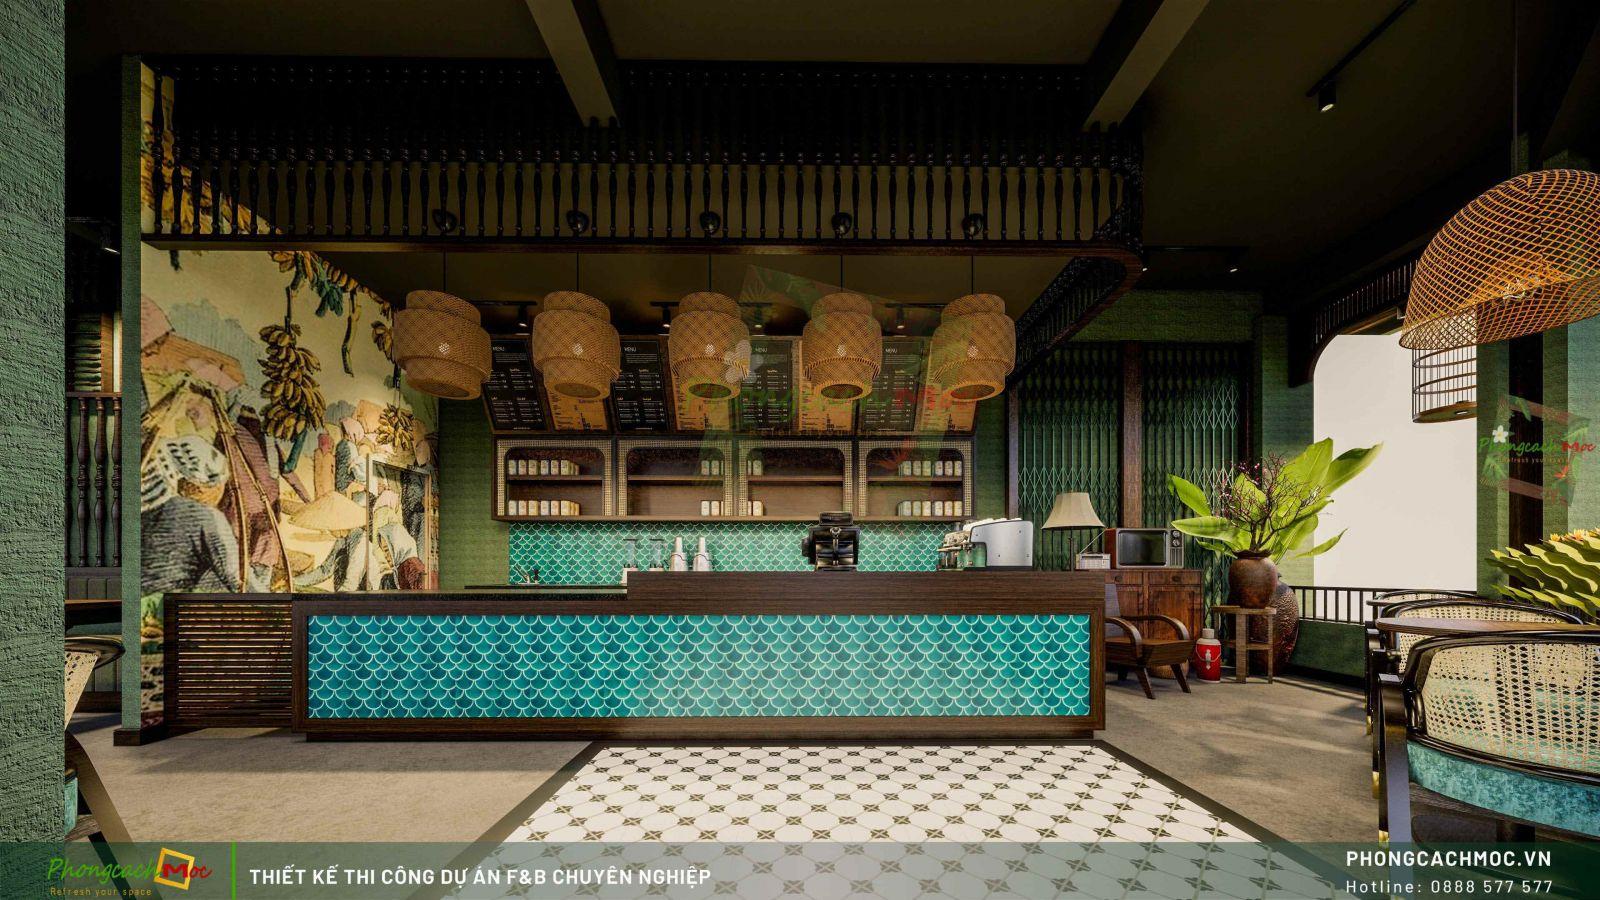 Thiet-ke-quan-cafe-Nhai-oi-BRVT-5